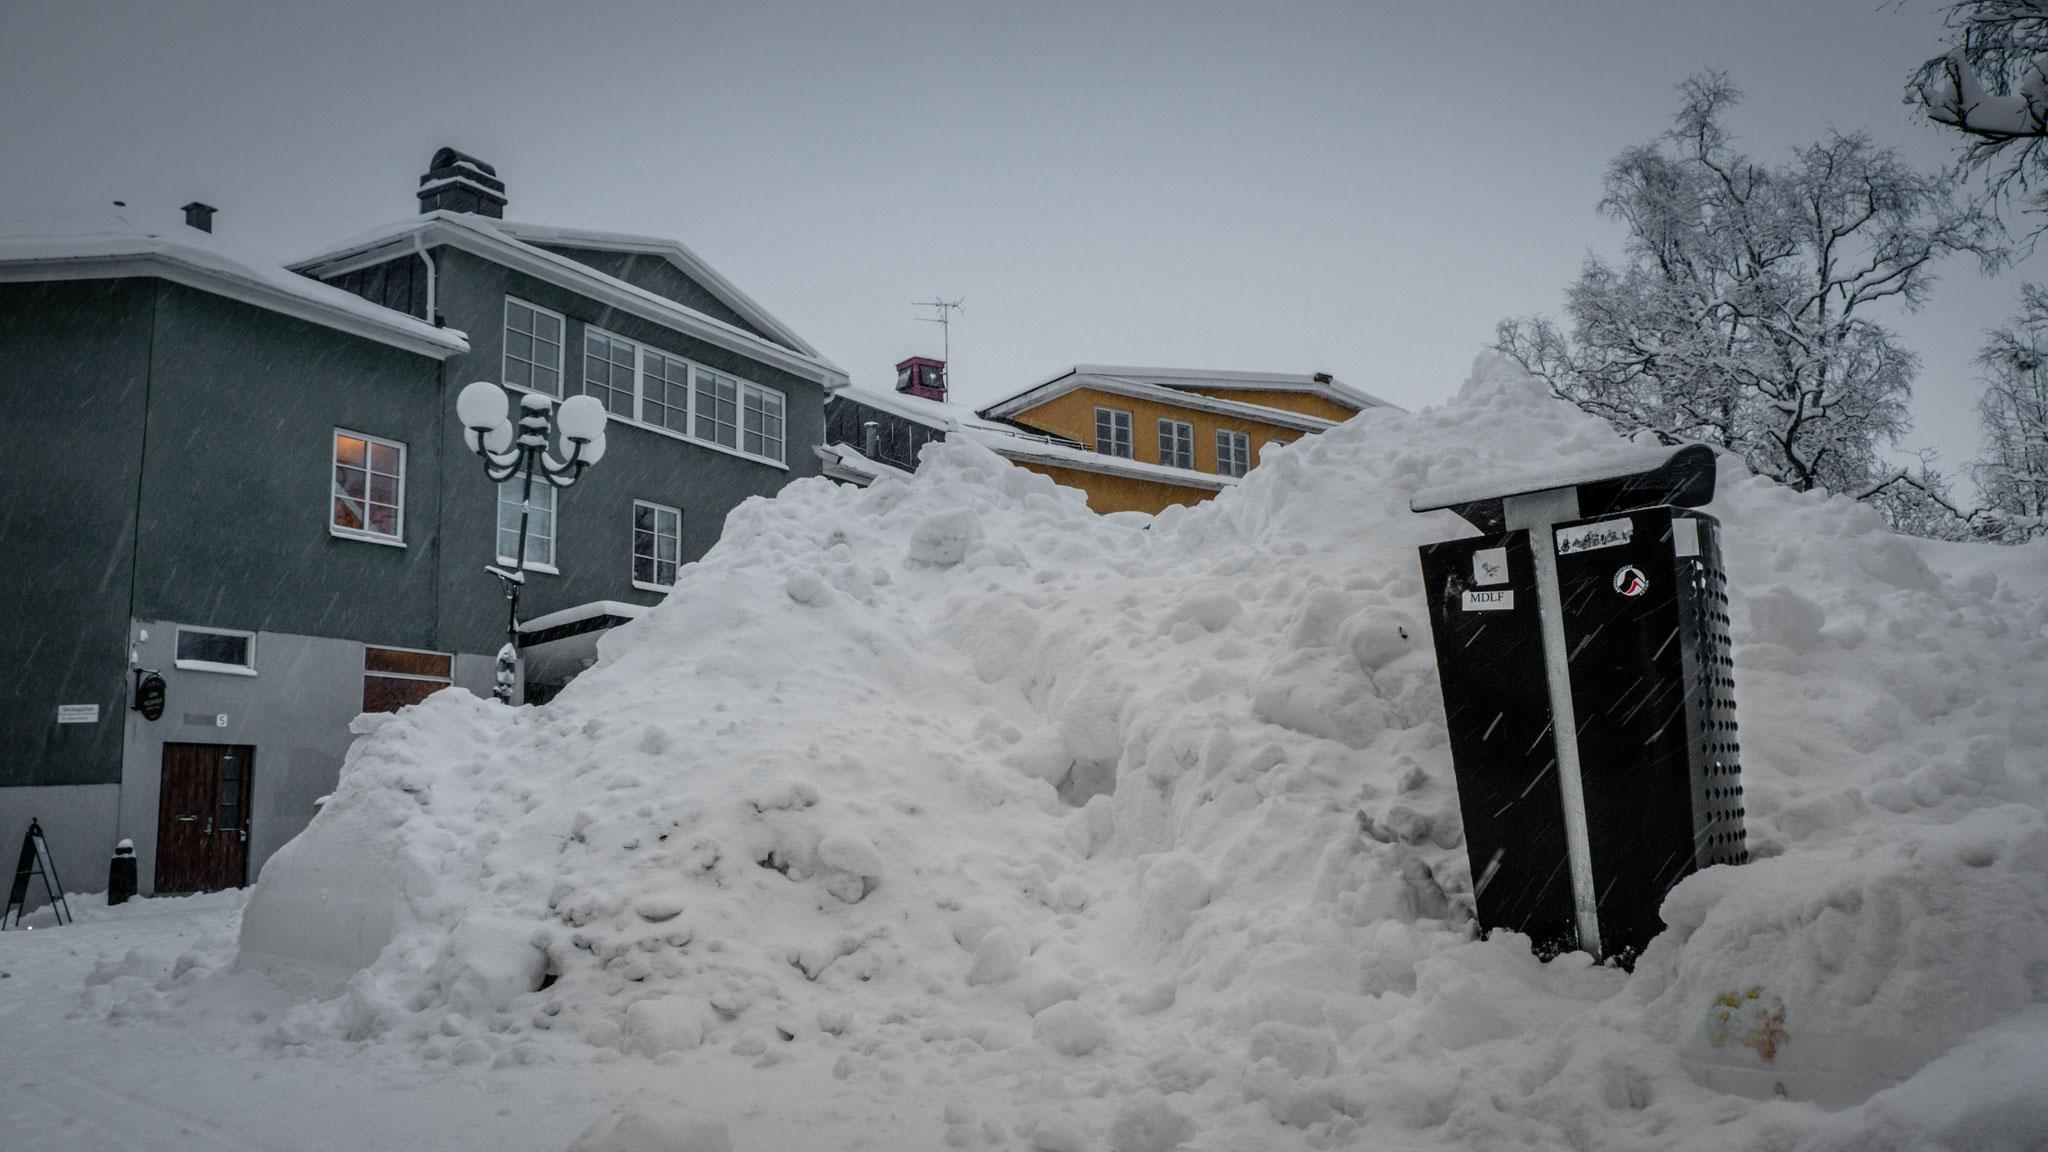 16.12.2020 gegen 12 Uhr Schneefall in Kiruna